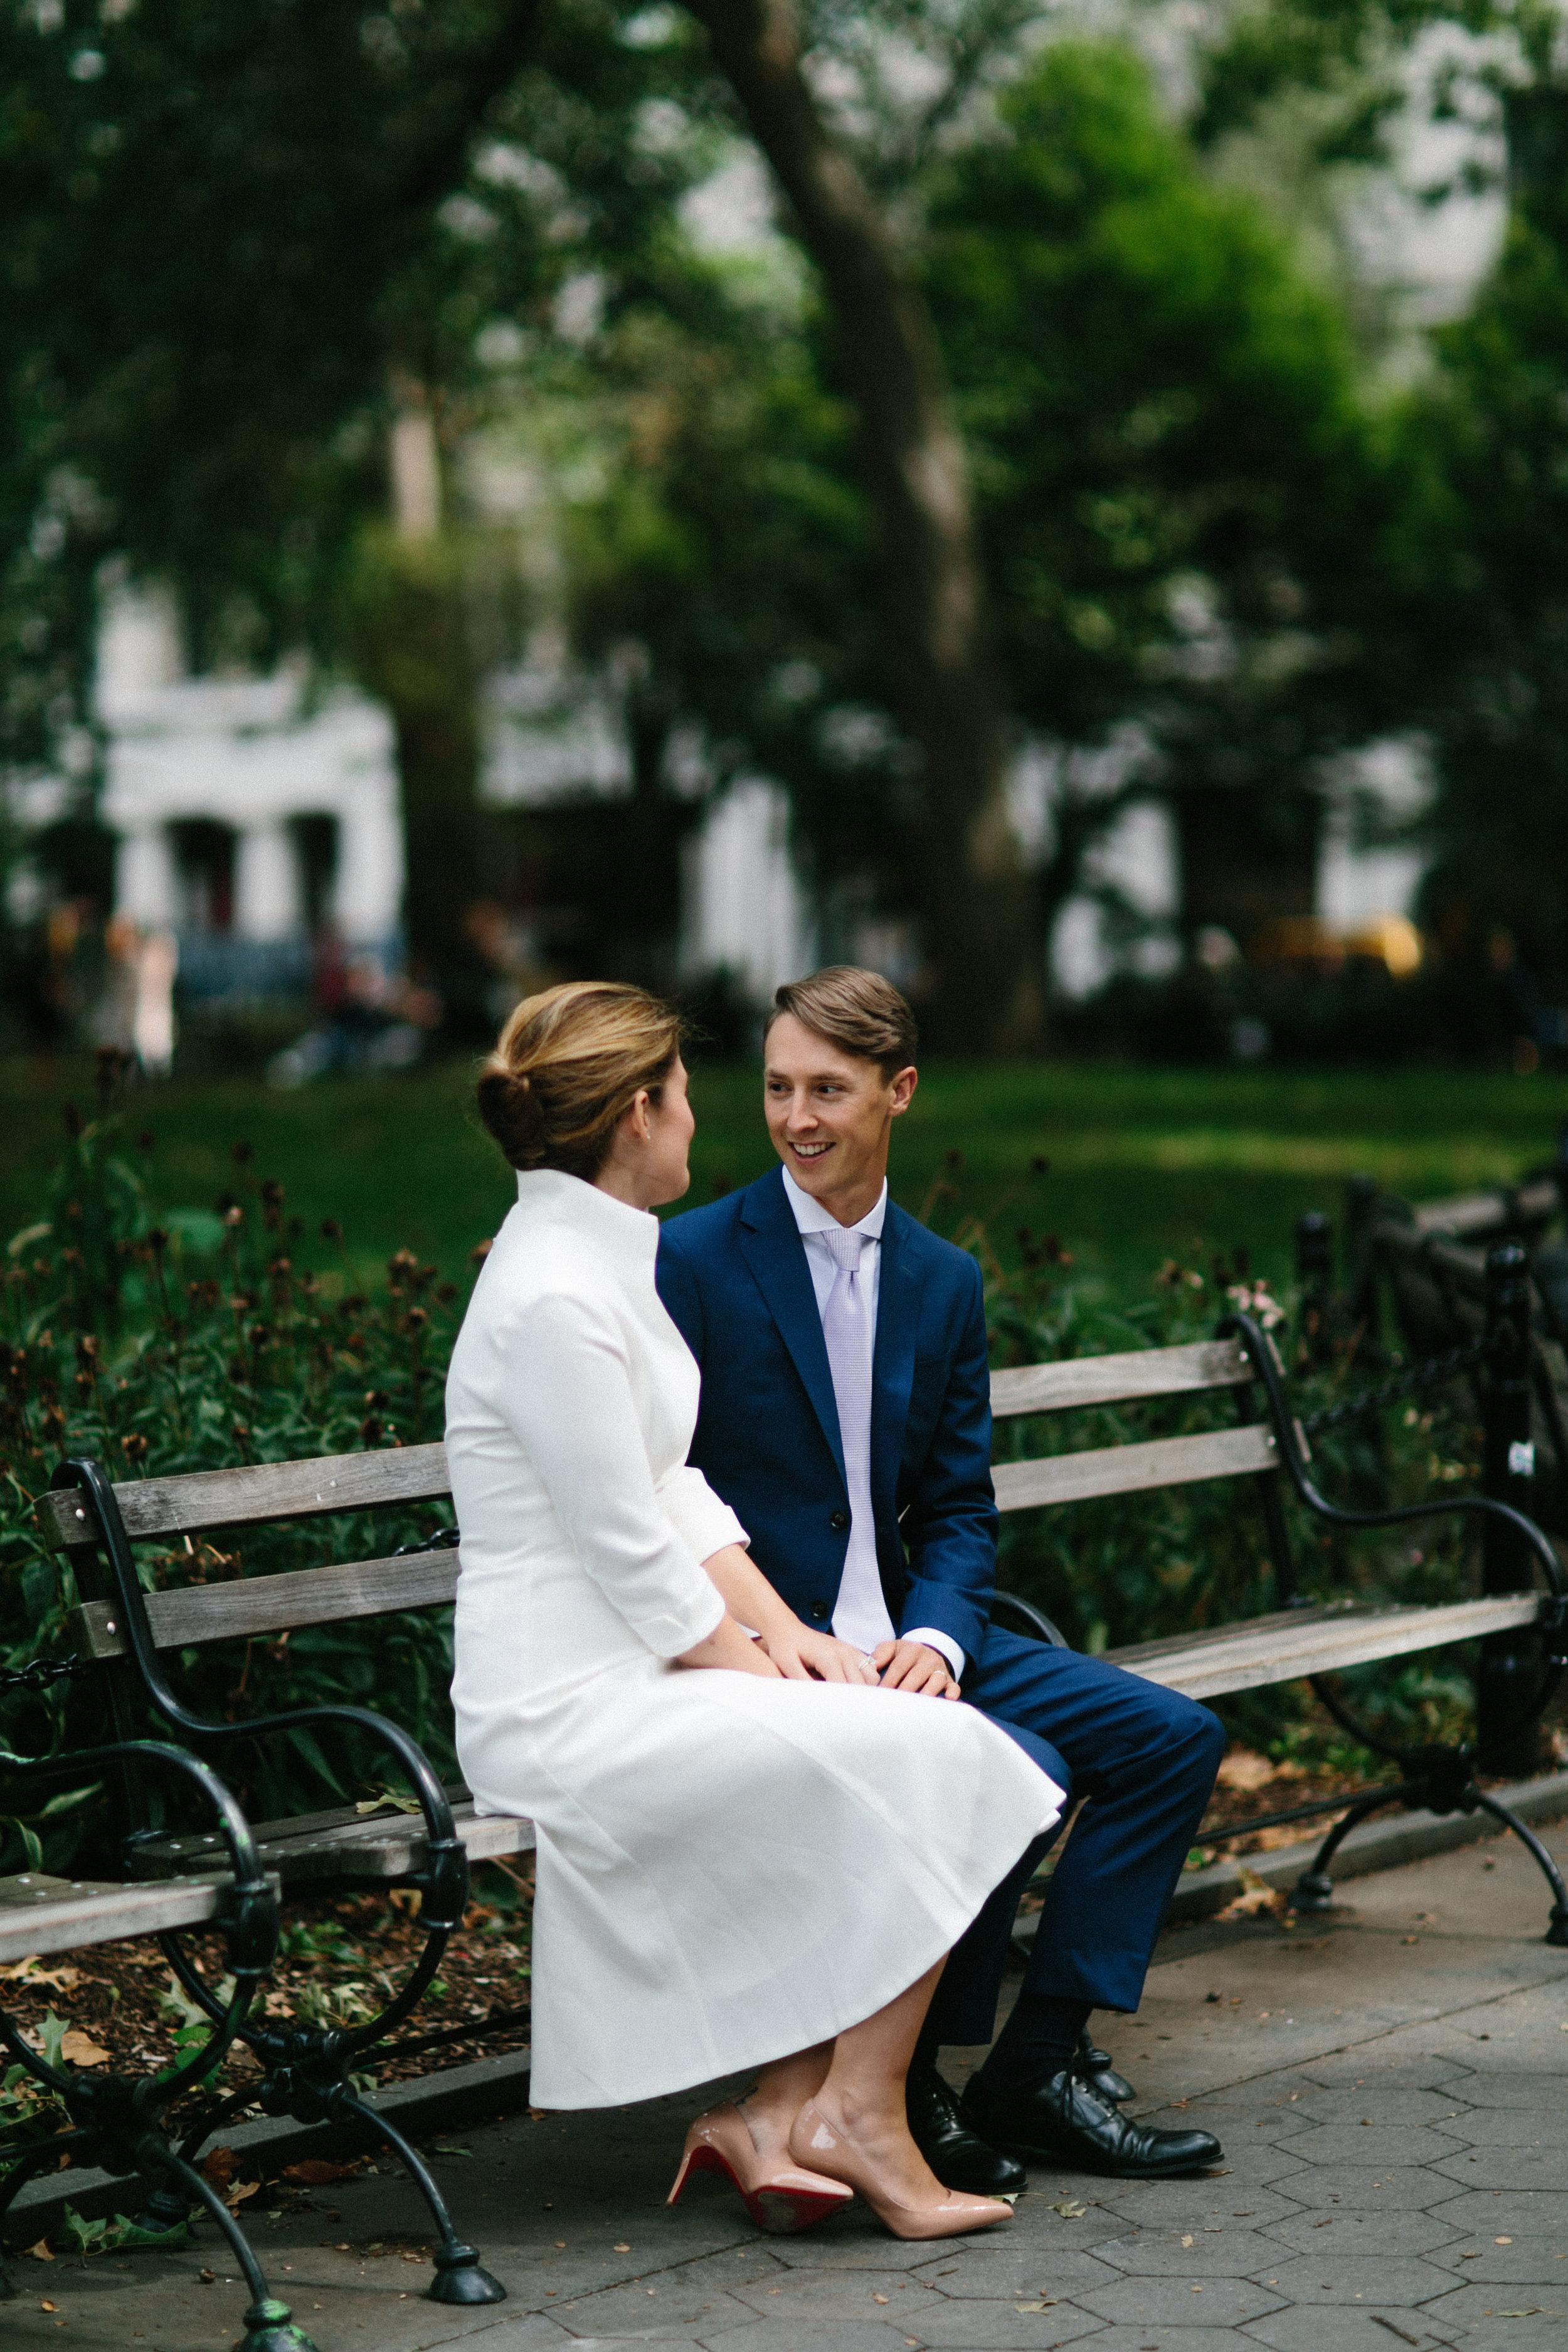 Washington Square Park Wedding